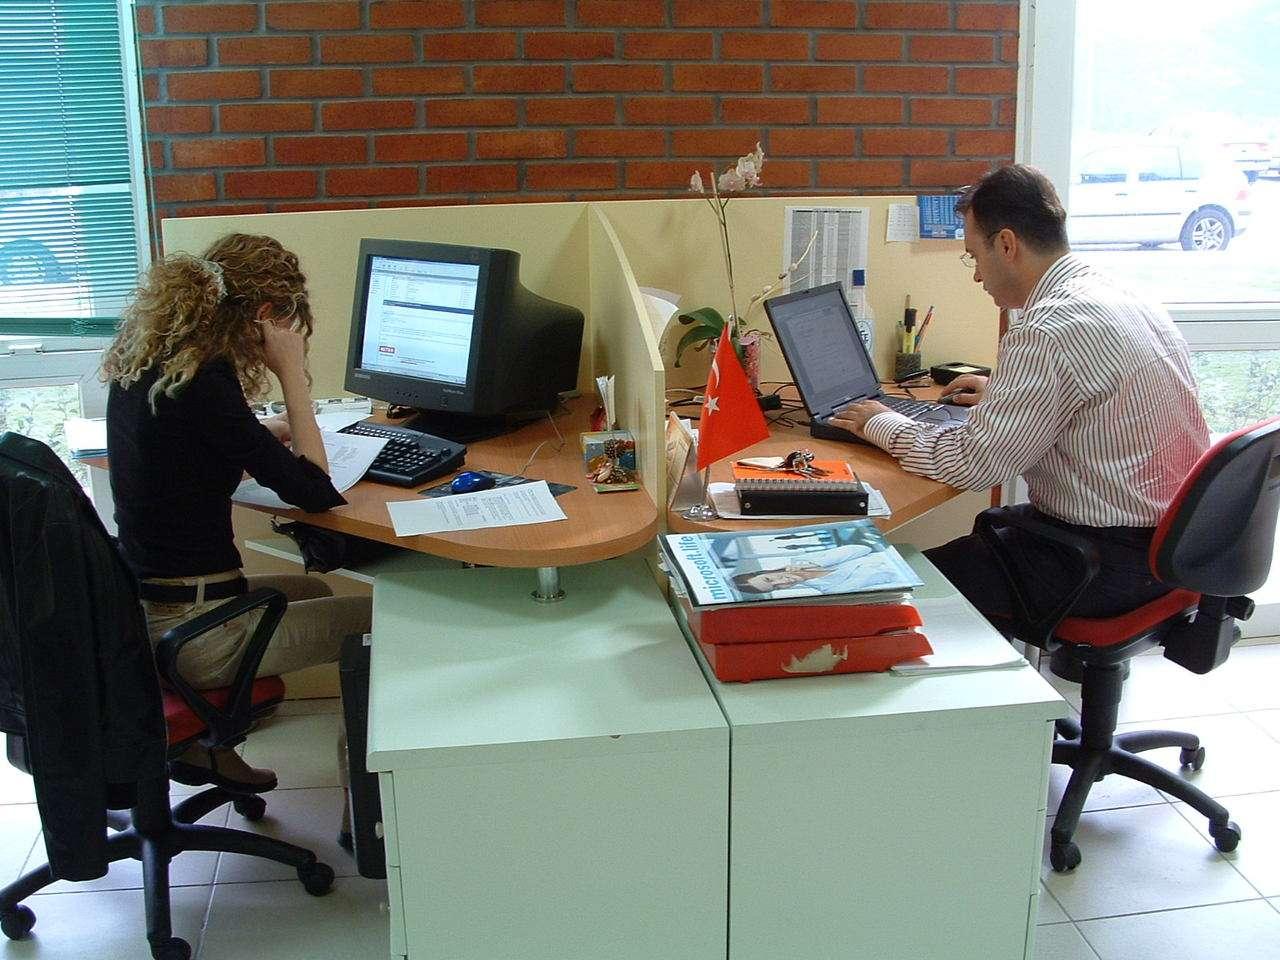 work-work-work-1240503-1280x960